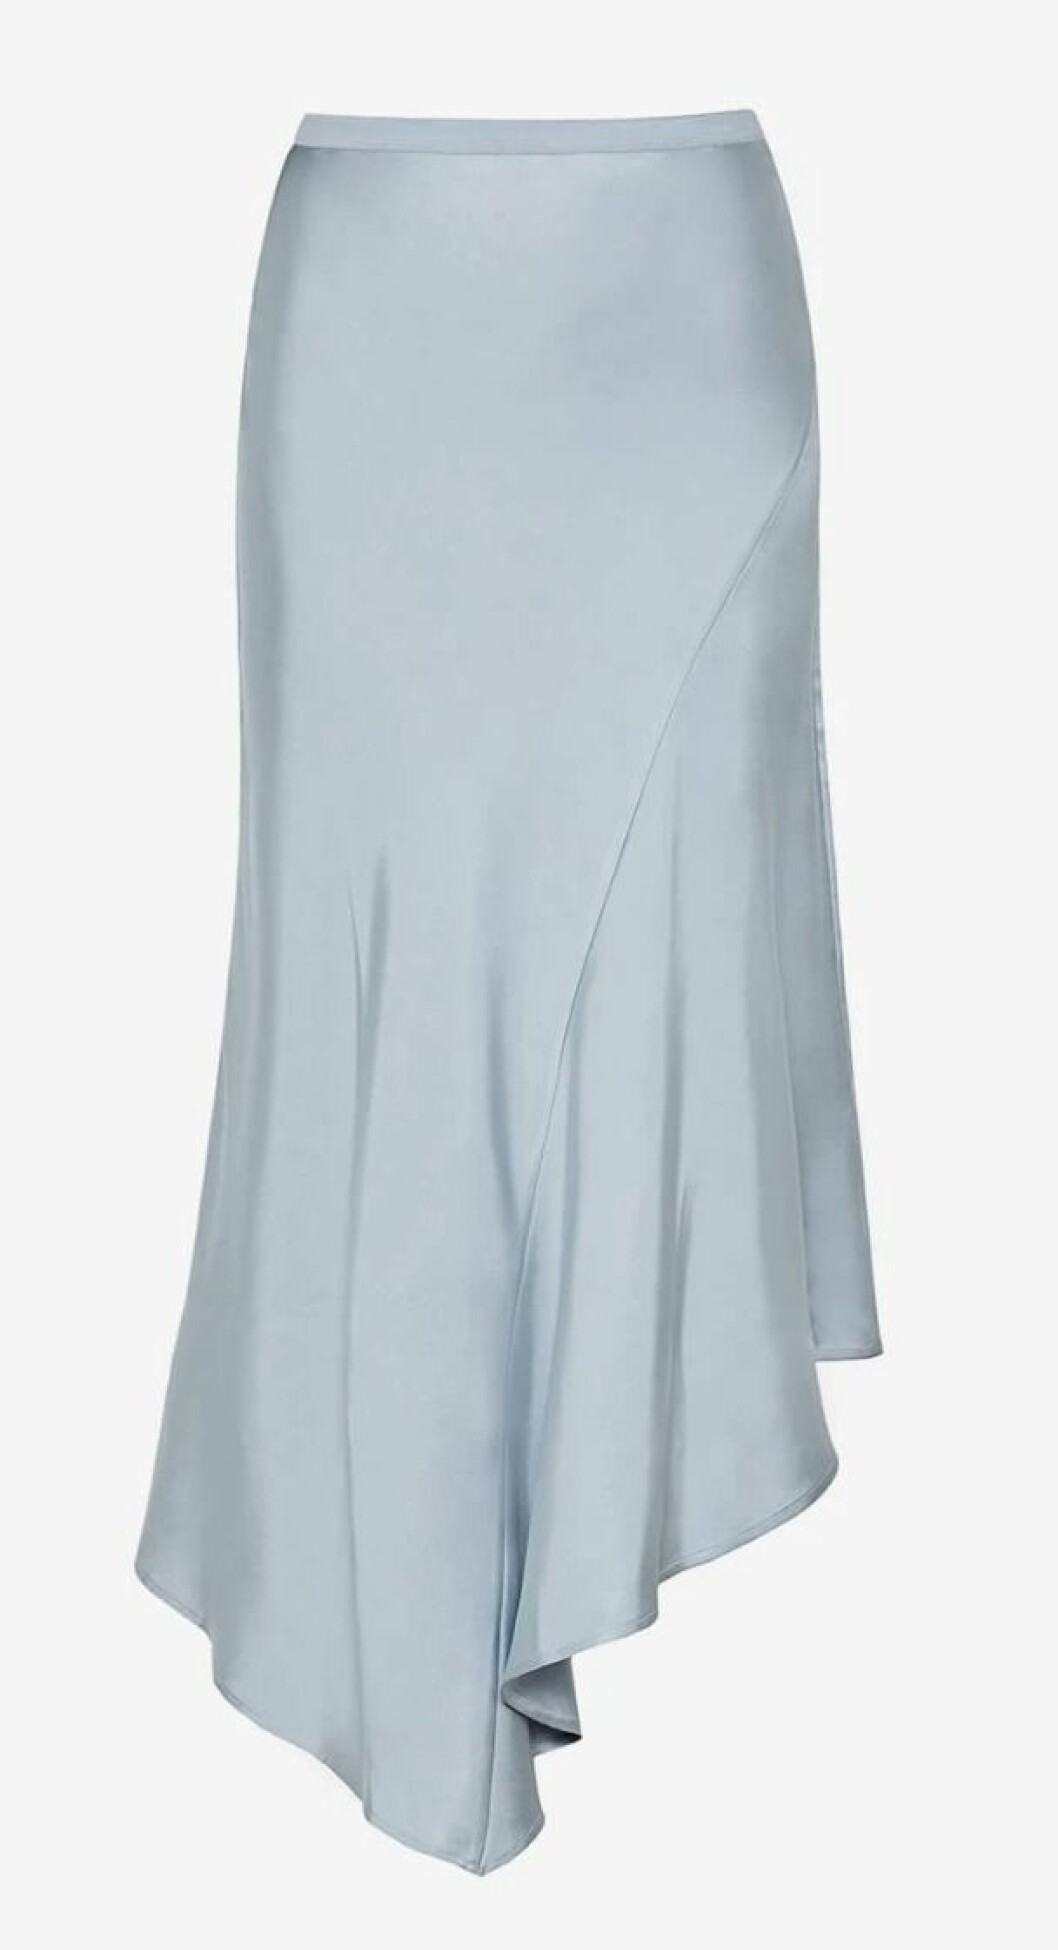 Duvblå midikjol från Anine Bing